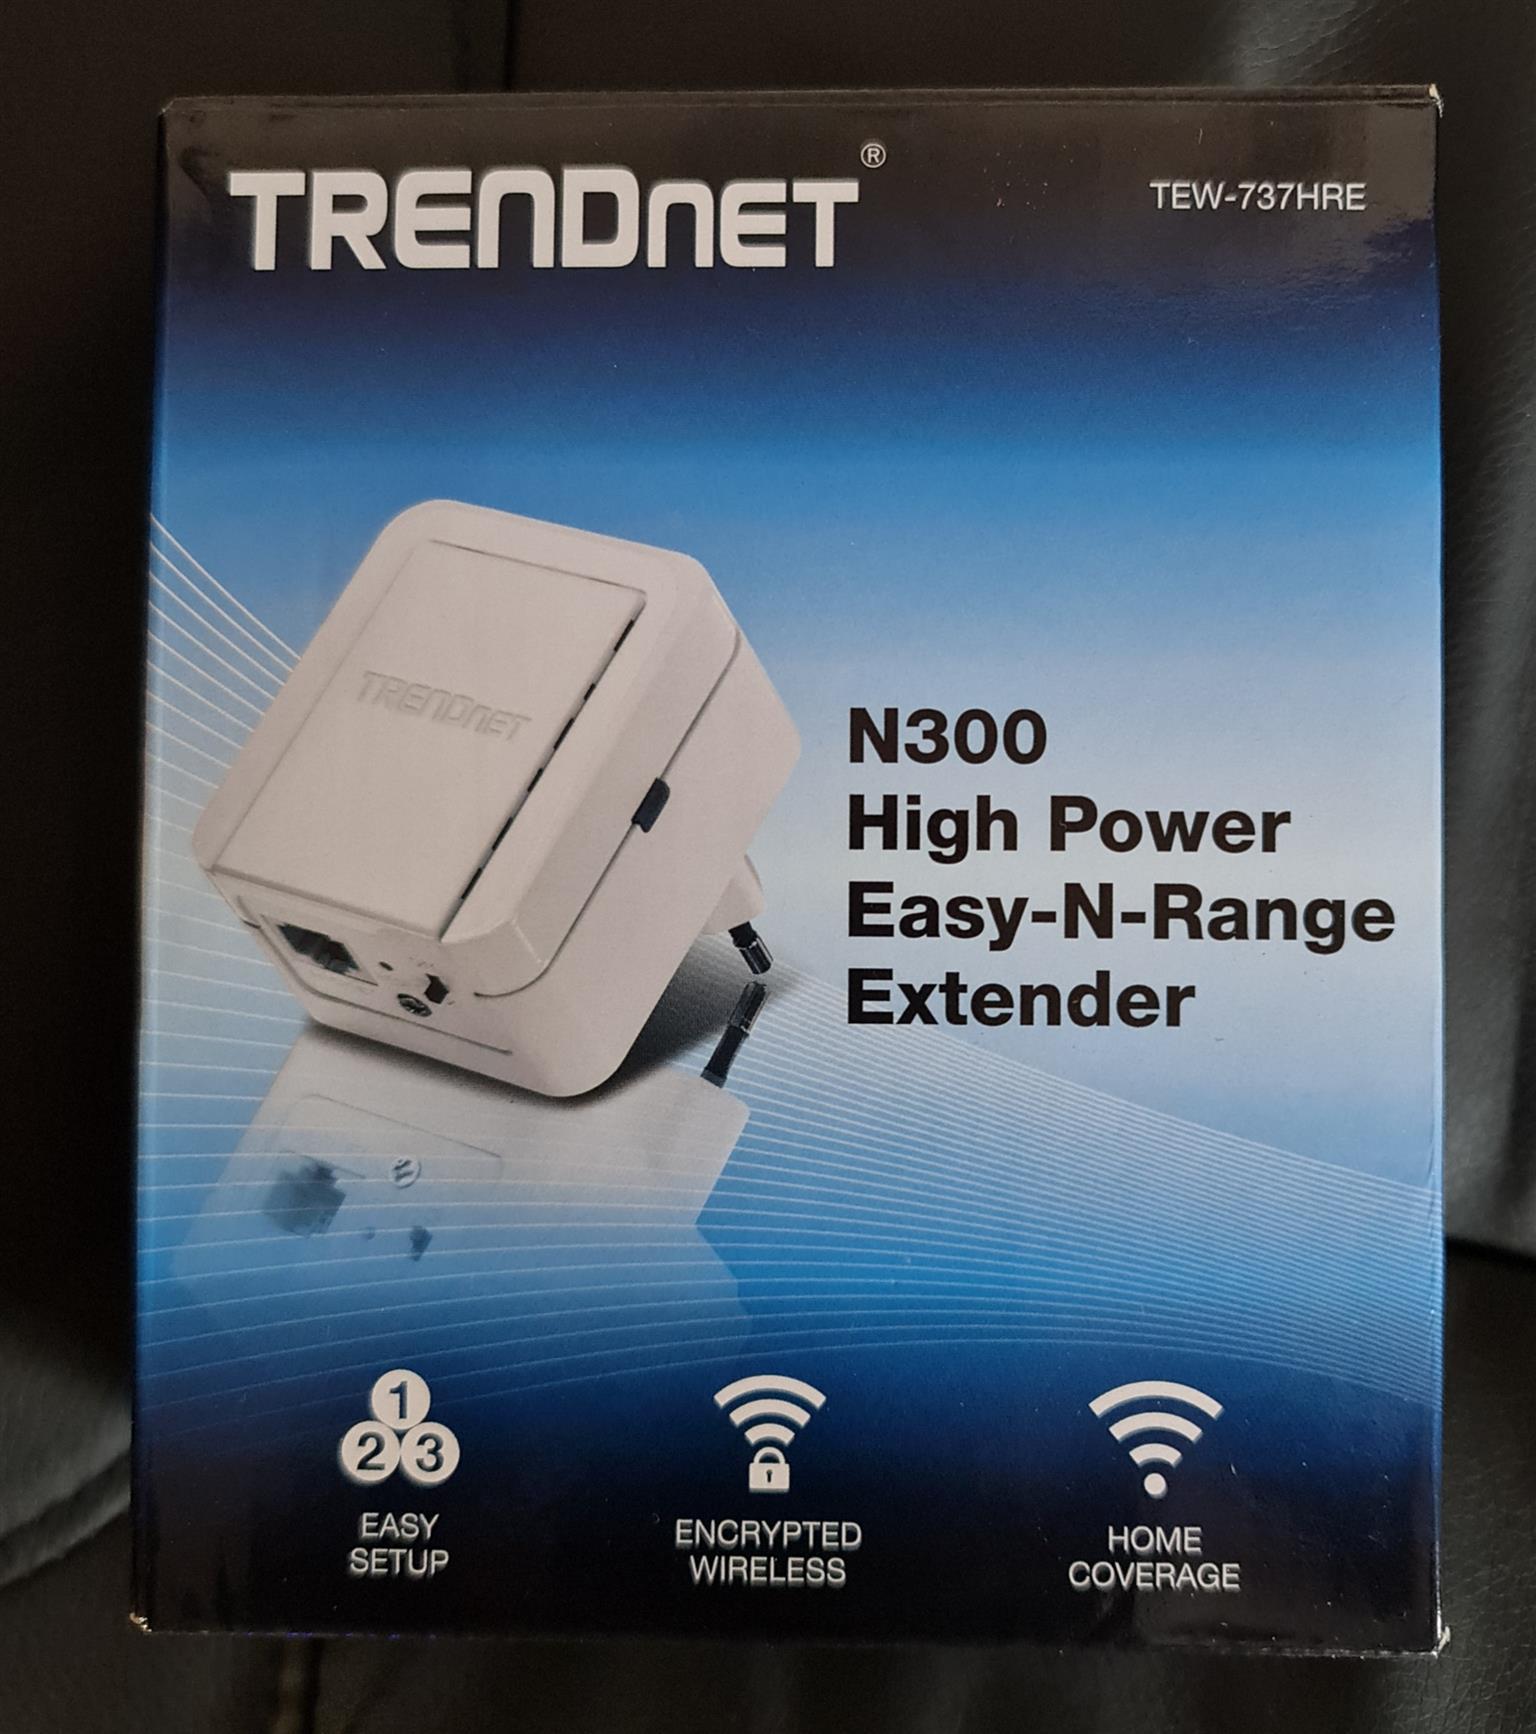 TrendNet n300 range extender